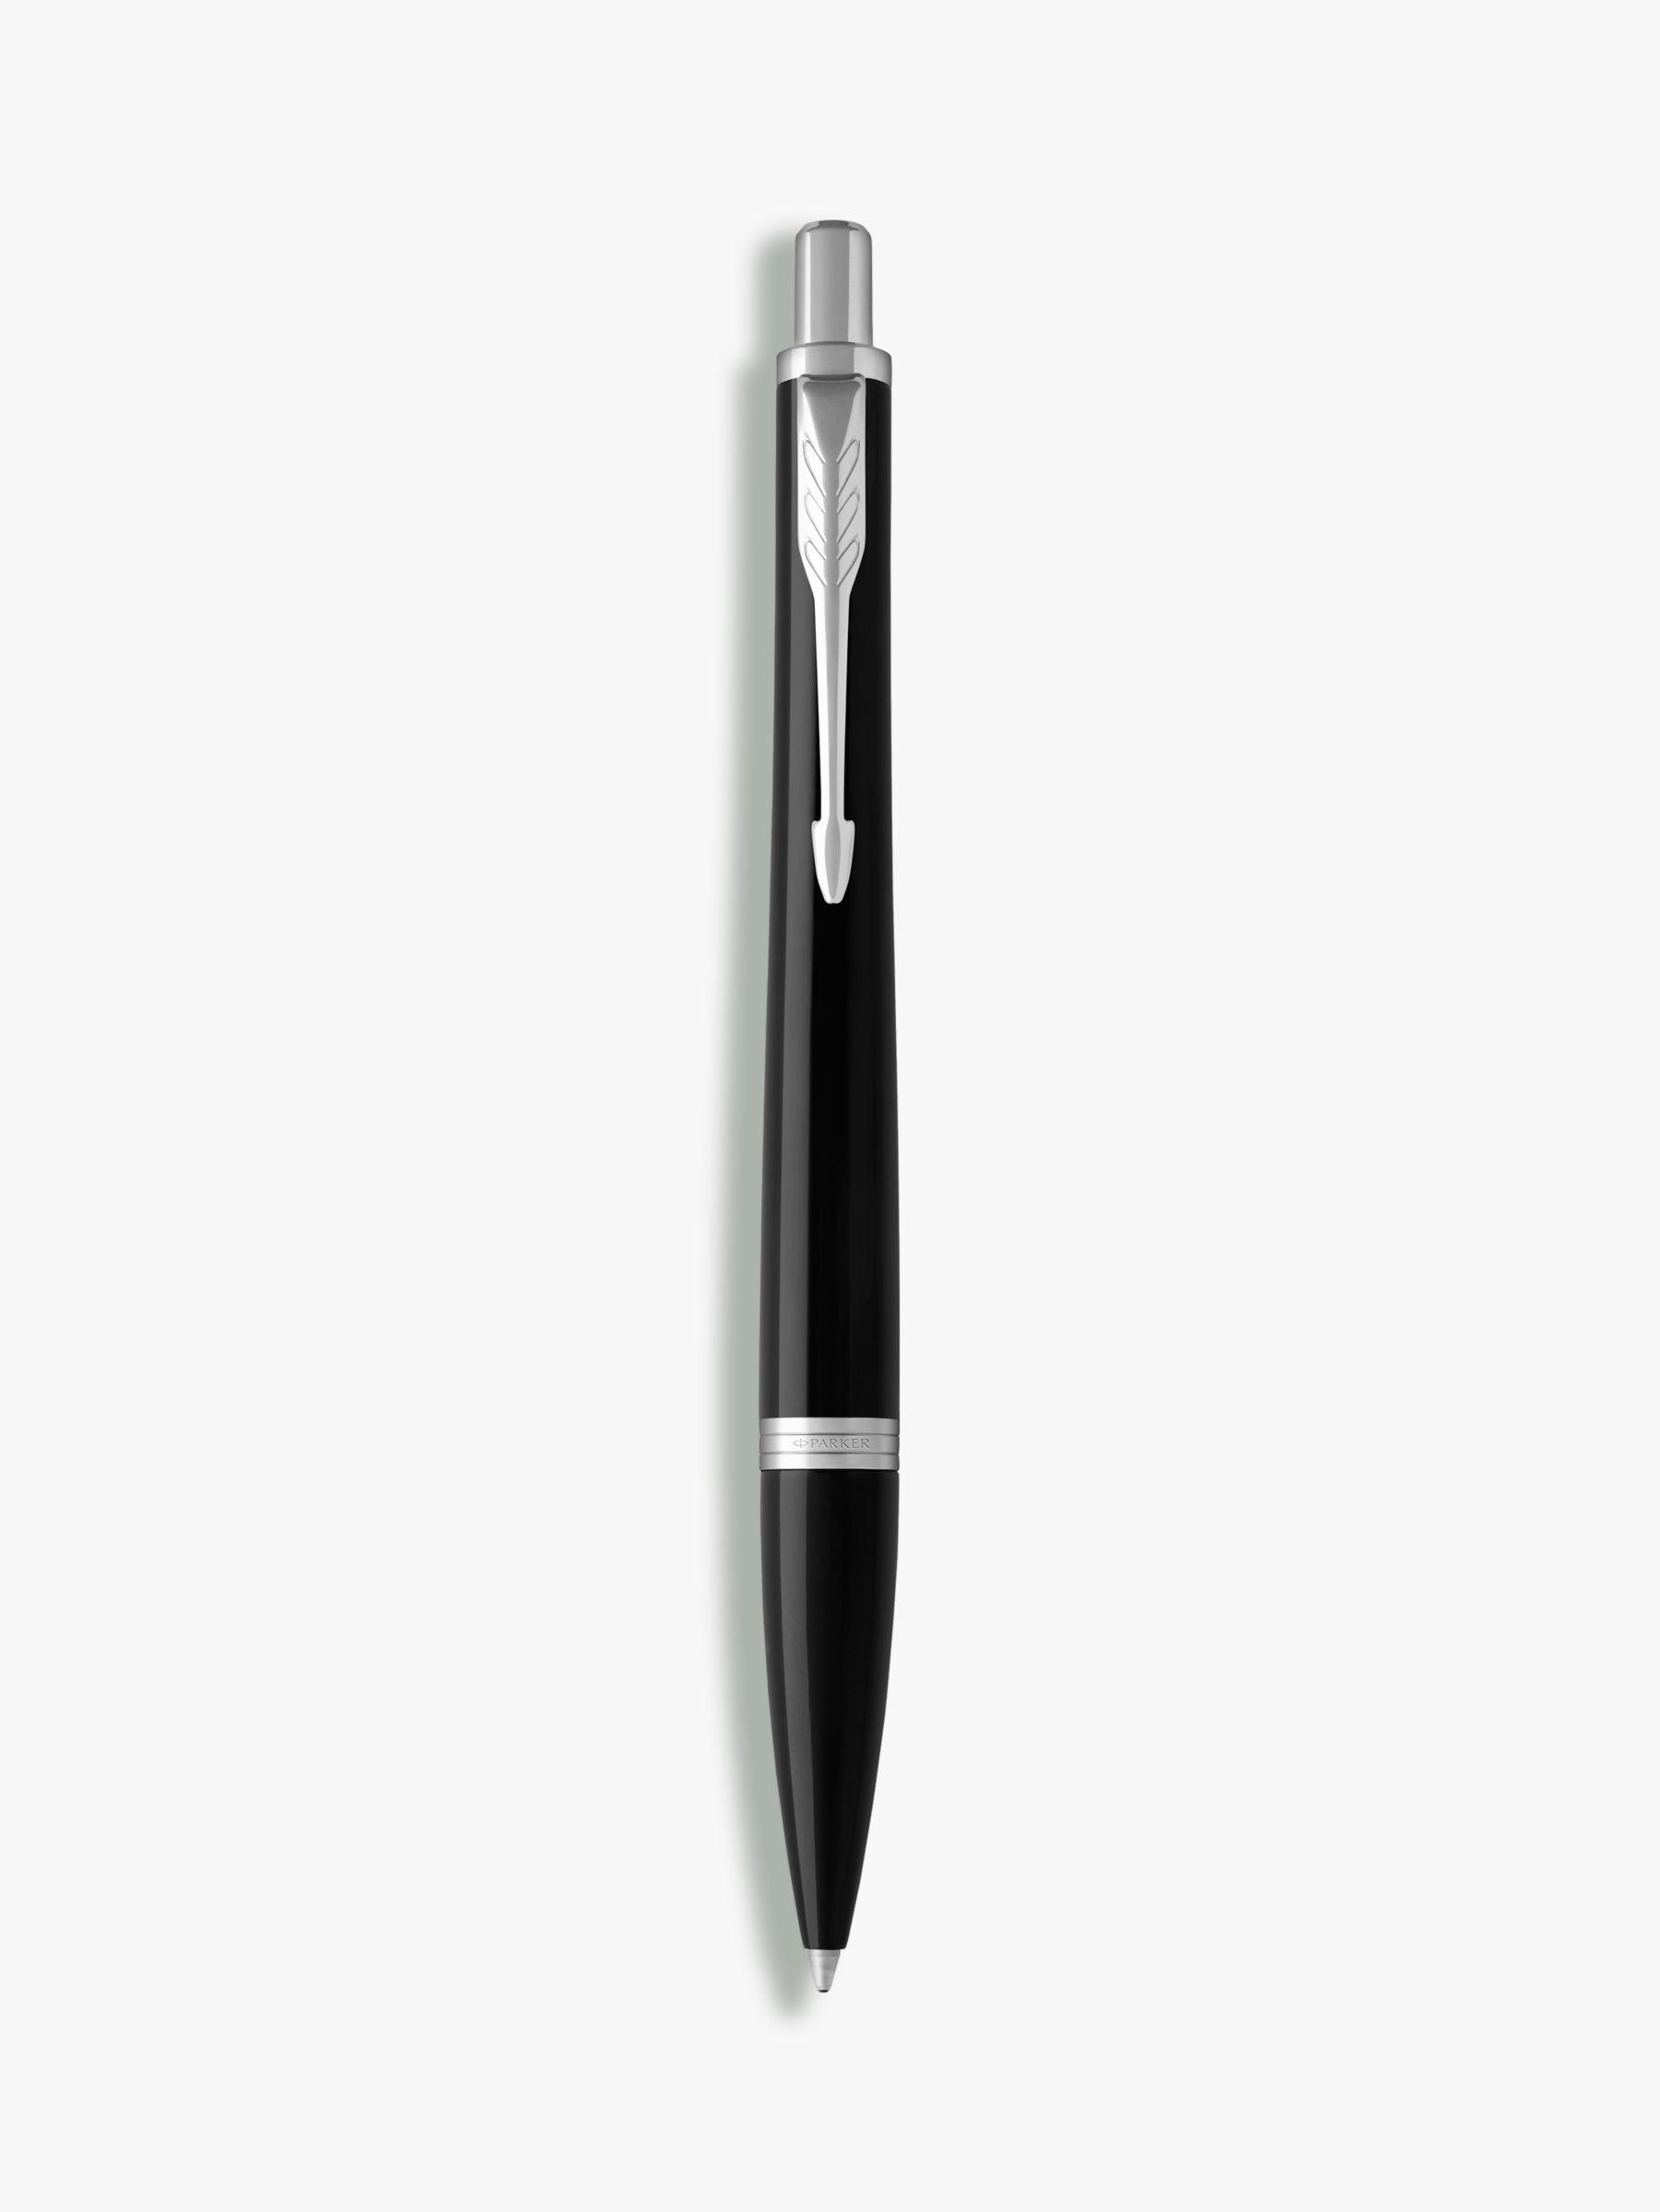 Parker PARKER Core Urban Ballpoint Pen, Chrome Black